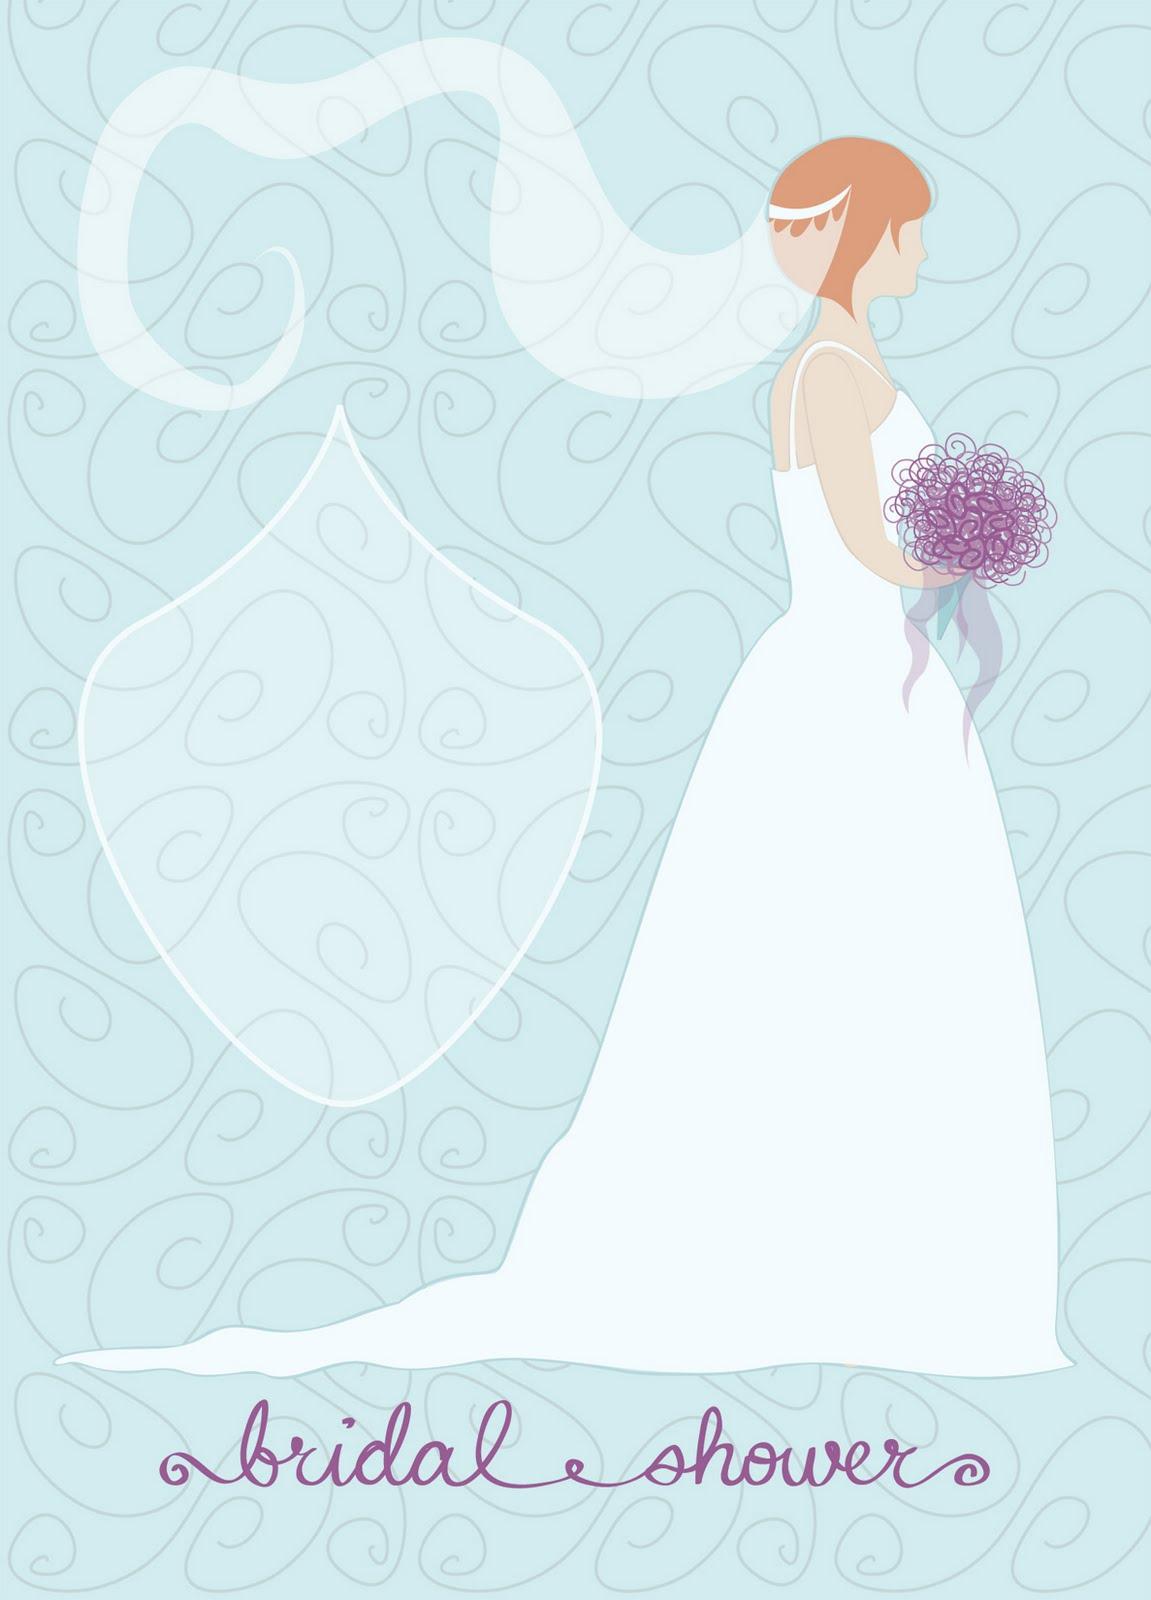 Czeshop images bridal shower invitation clipart source lh3googleusercontent report bridal shower invitation clipart filmwisefo